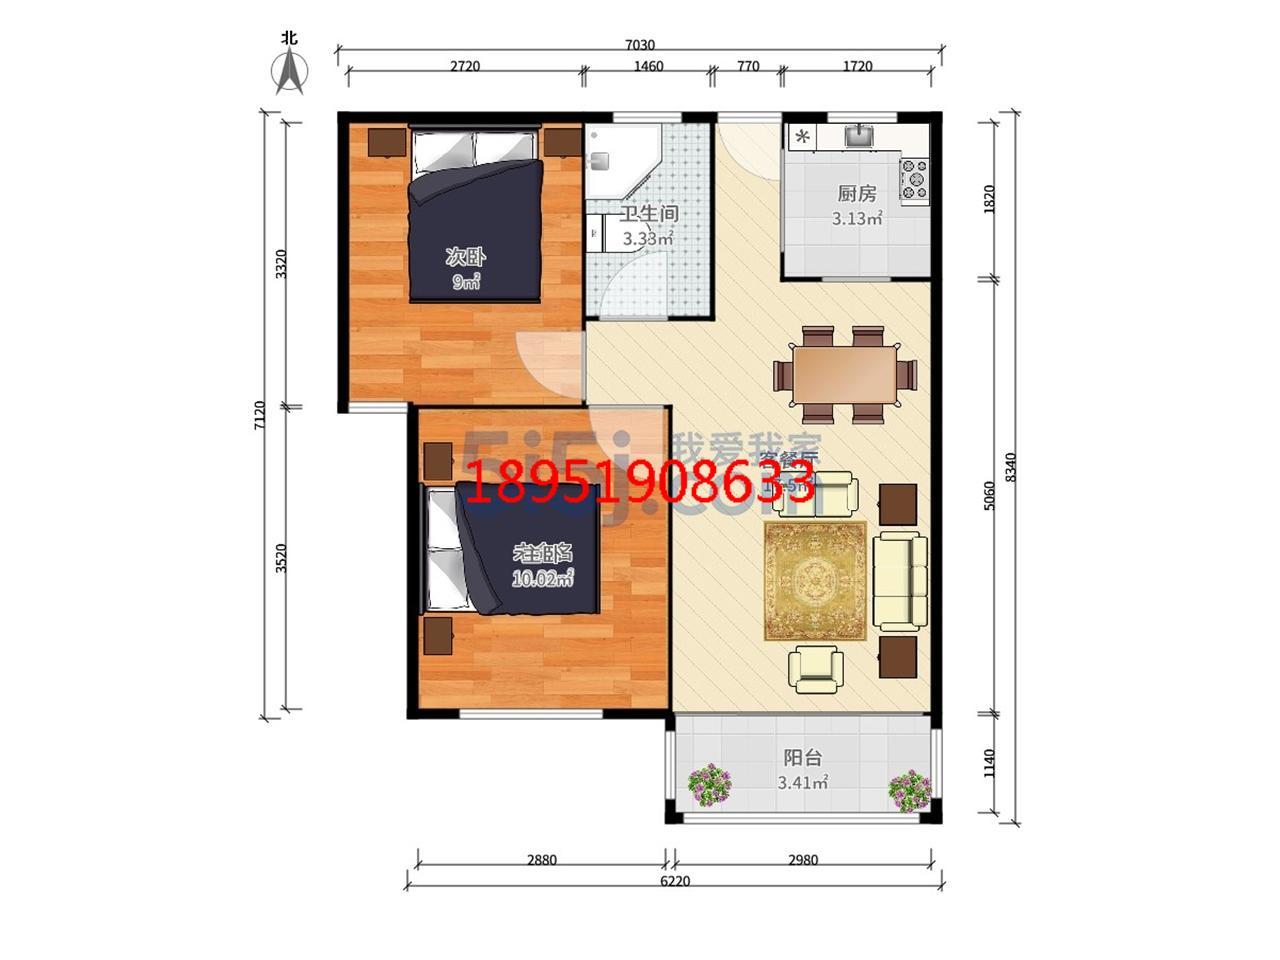 江宁区将军大道托乐嘉贵邻居2室2厅户型图